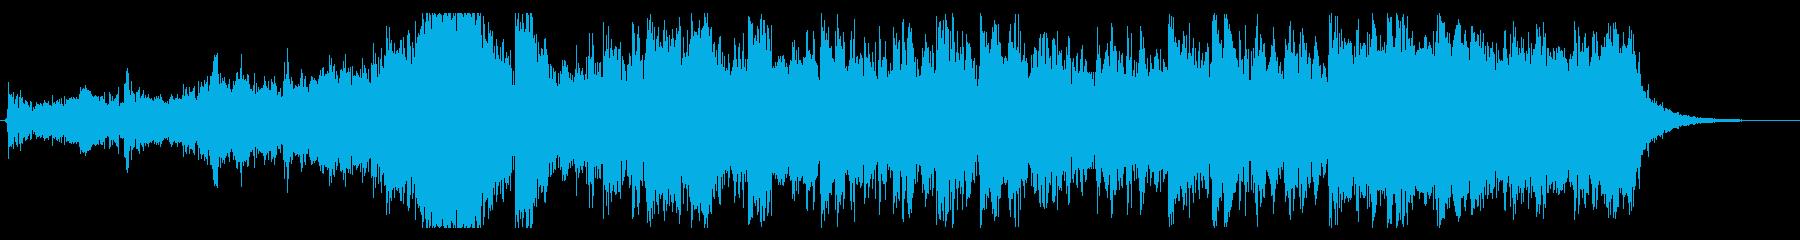 大自然壮大オケ 30秒 pno無の再生済みの波形